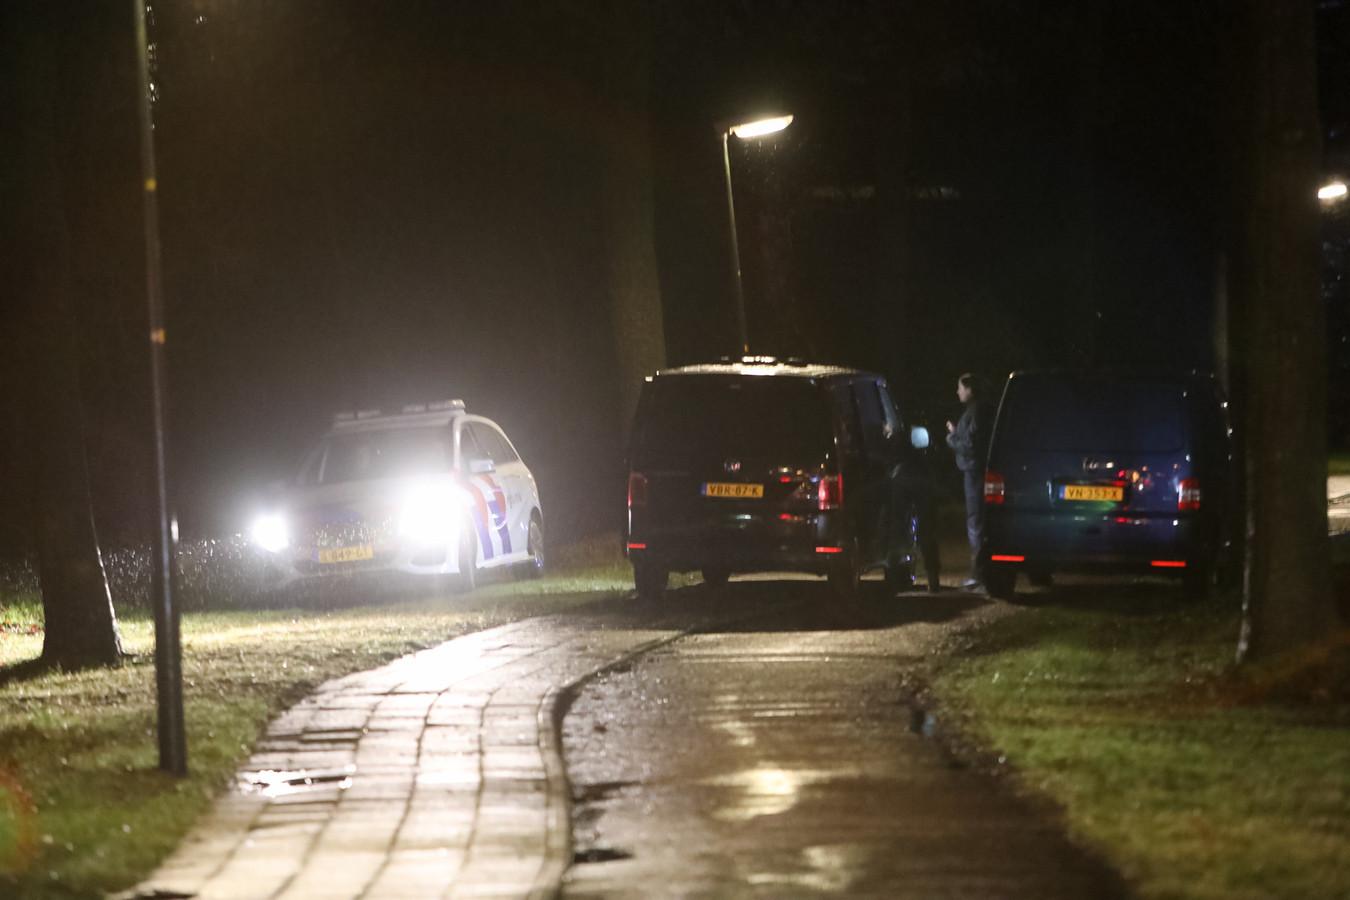 Meerdere politievoertuigen waren de afgelopen nacht berokken bij onderzoek naar een zedenmisdrijf bij de Laan van Osseveld.